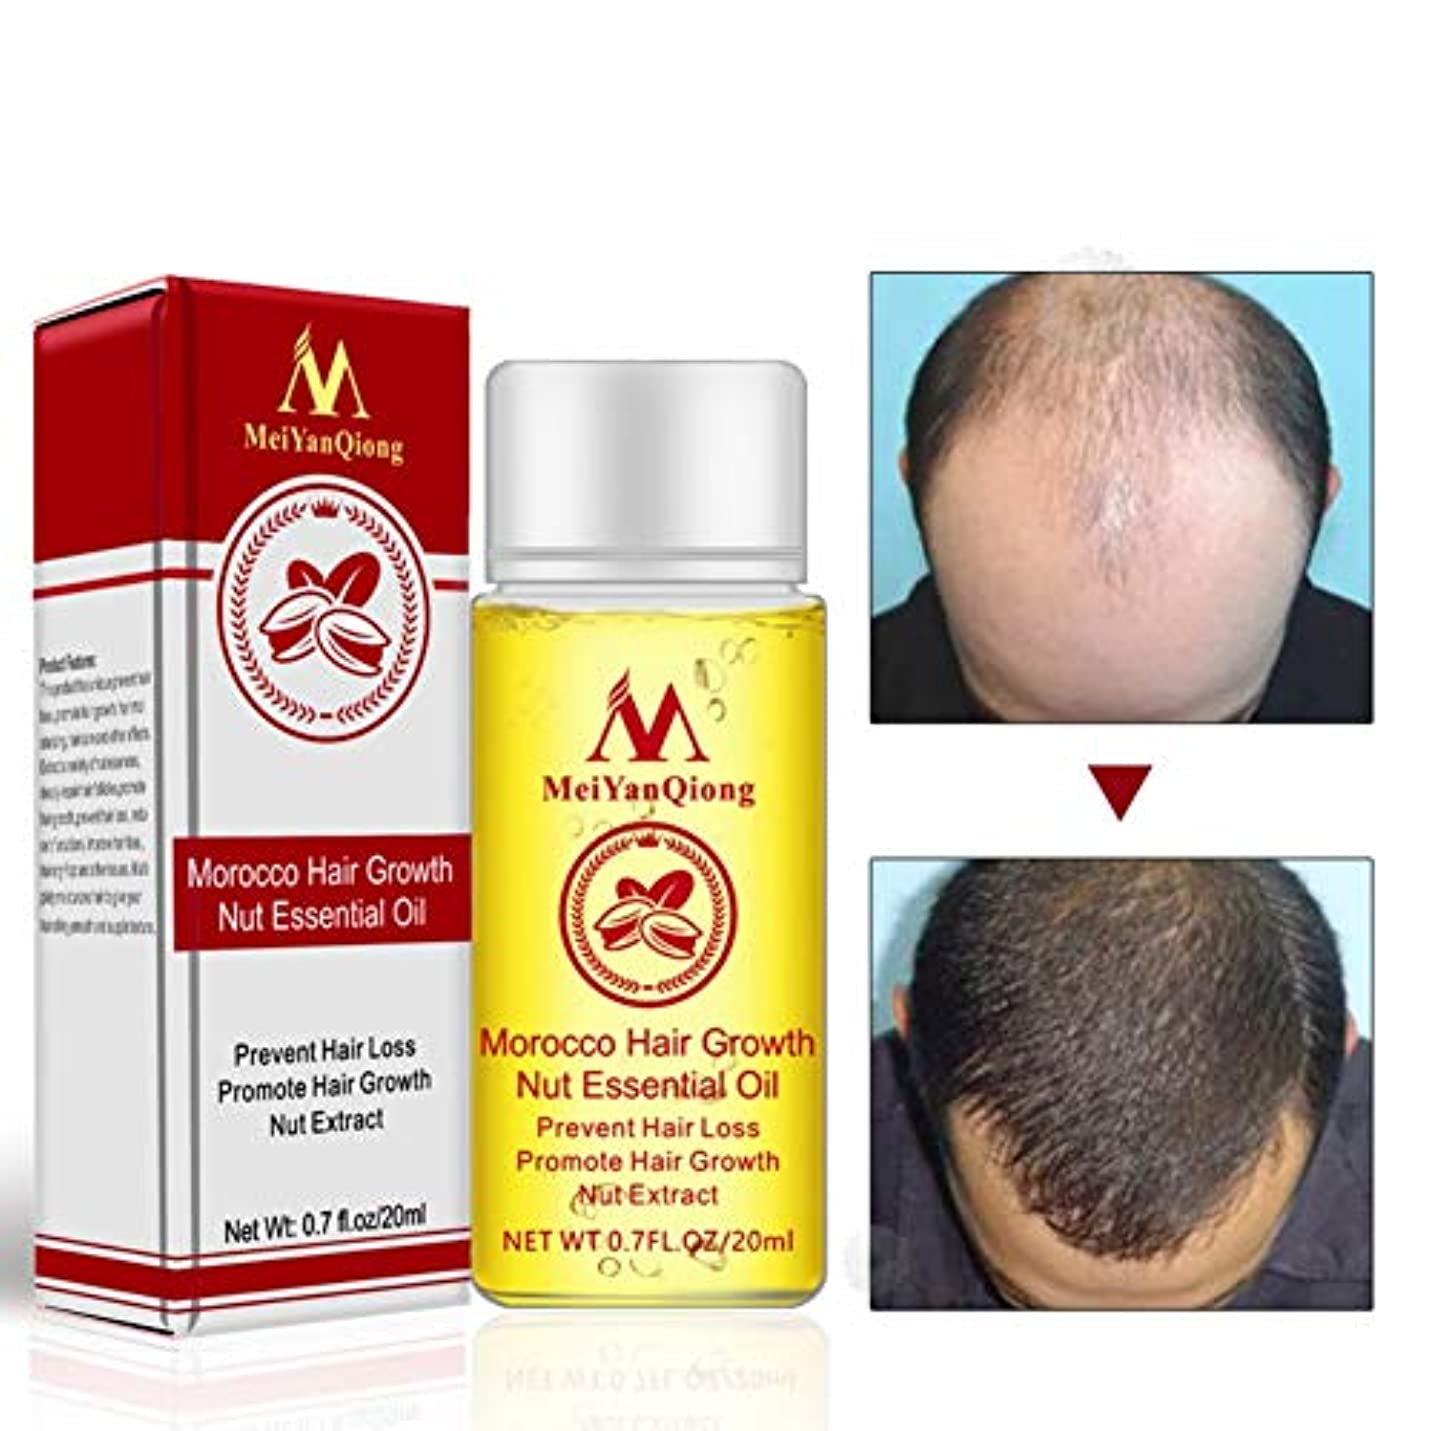 裏切り修理工混合したAlluoleのモロッコの毛の成長のナットの精油の反毛の損失は毛の成長の本質を促進します